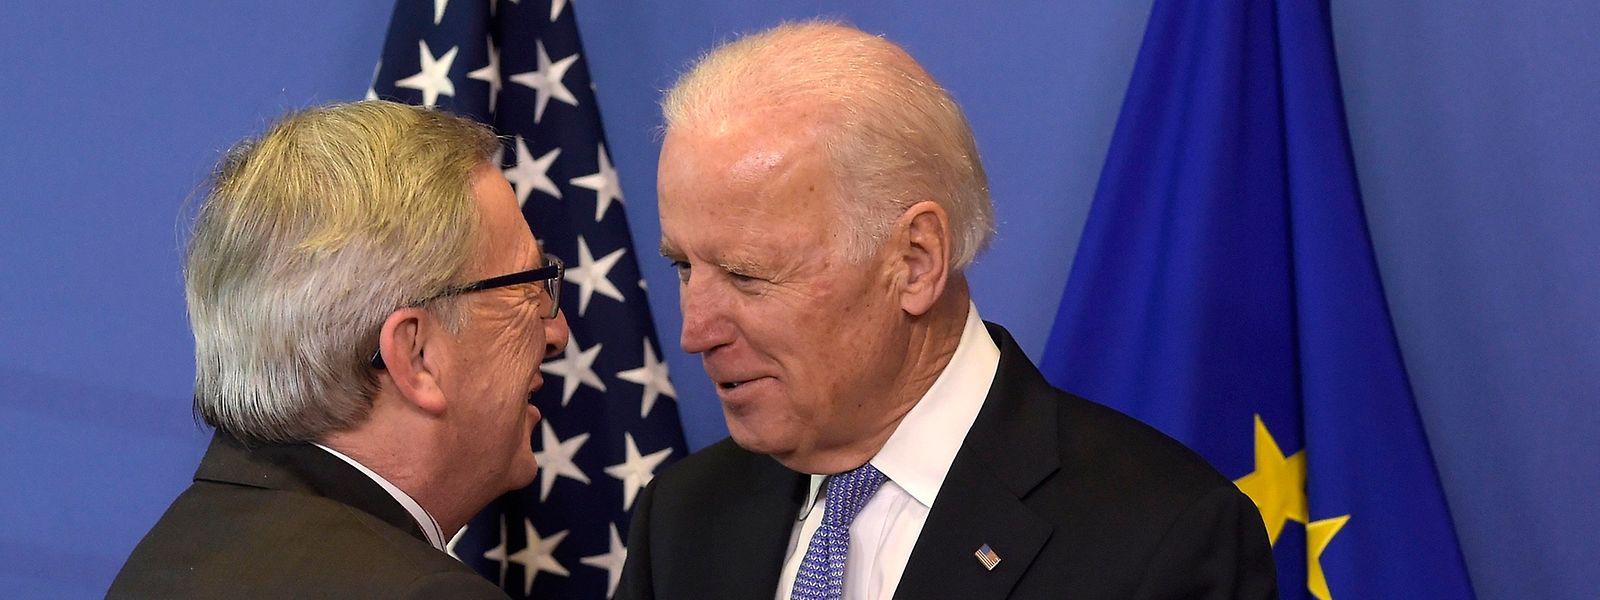 Jean-Claude Juncker und der damalige Vizepräsident Joe Biden bei einem Treffen in Brüssel im Jahr 2015.